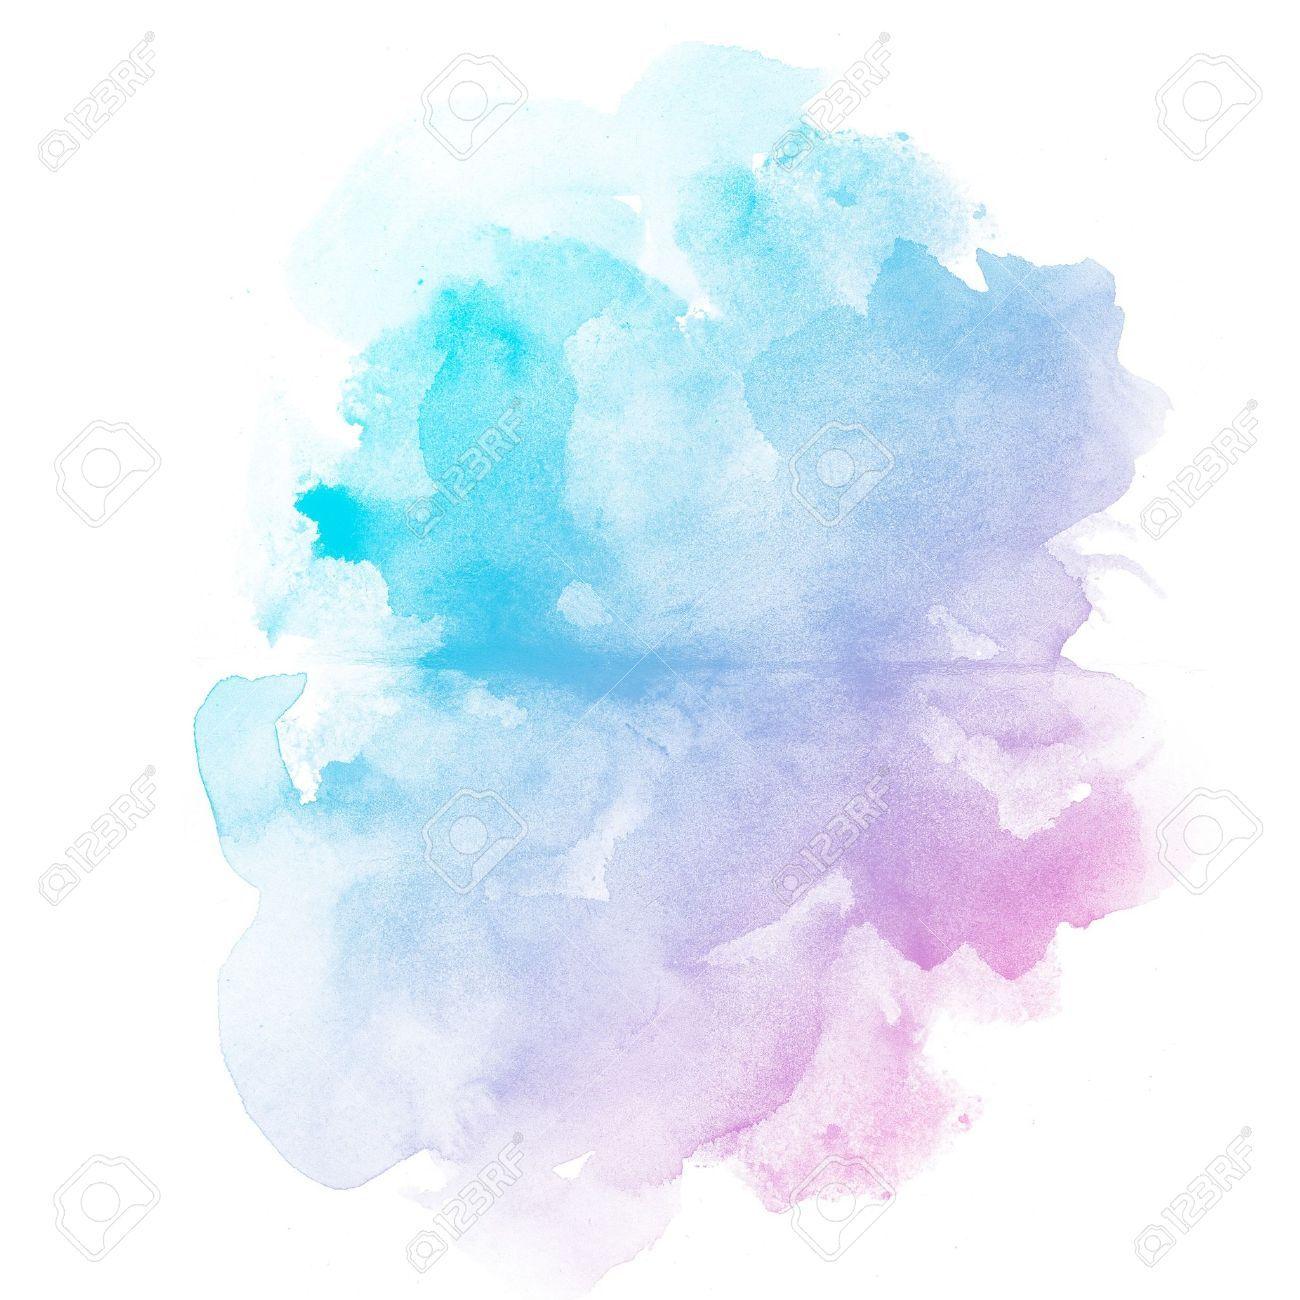 Related Image Watercolor Splash Watercolor Wallpaper